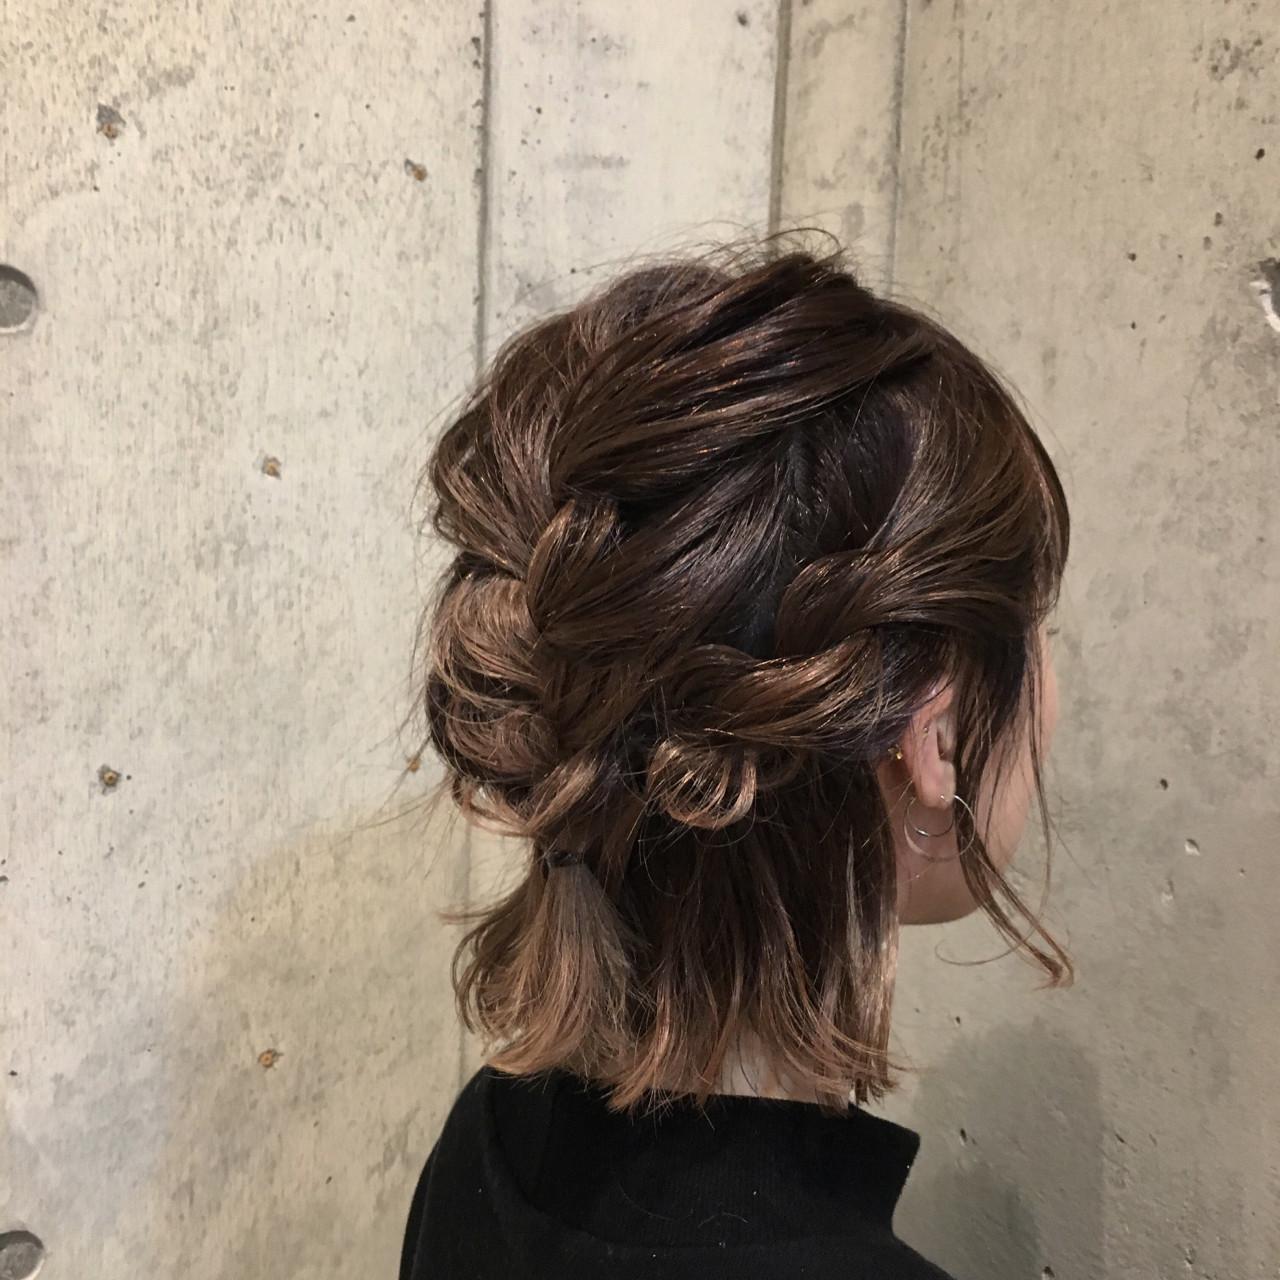 デート ボブ ヘアアレンジ 編み込み ヘアスタイルや髪型の写真・画像